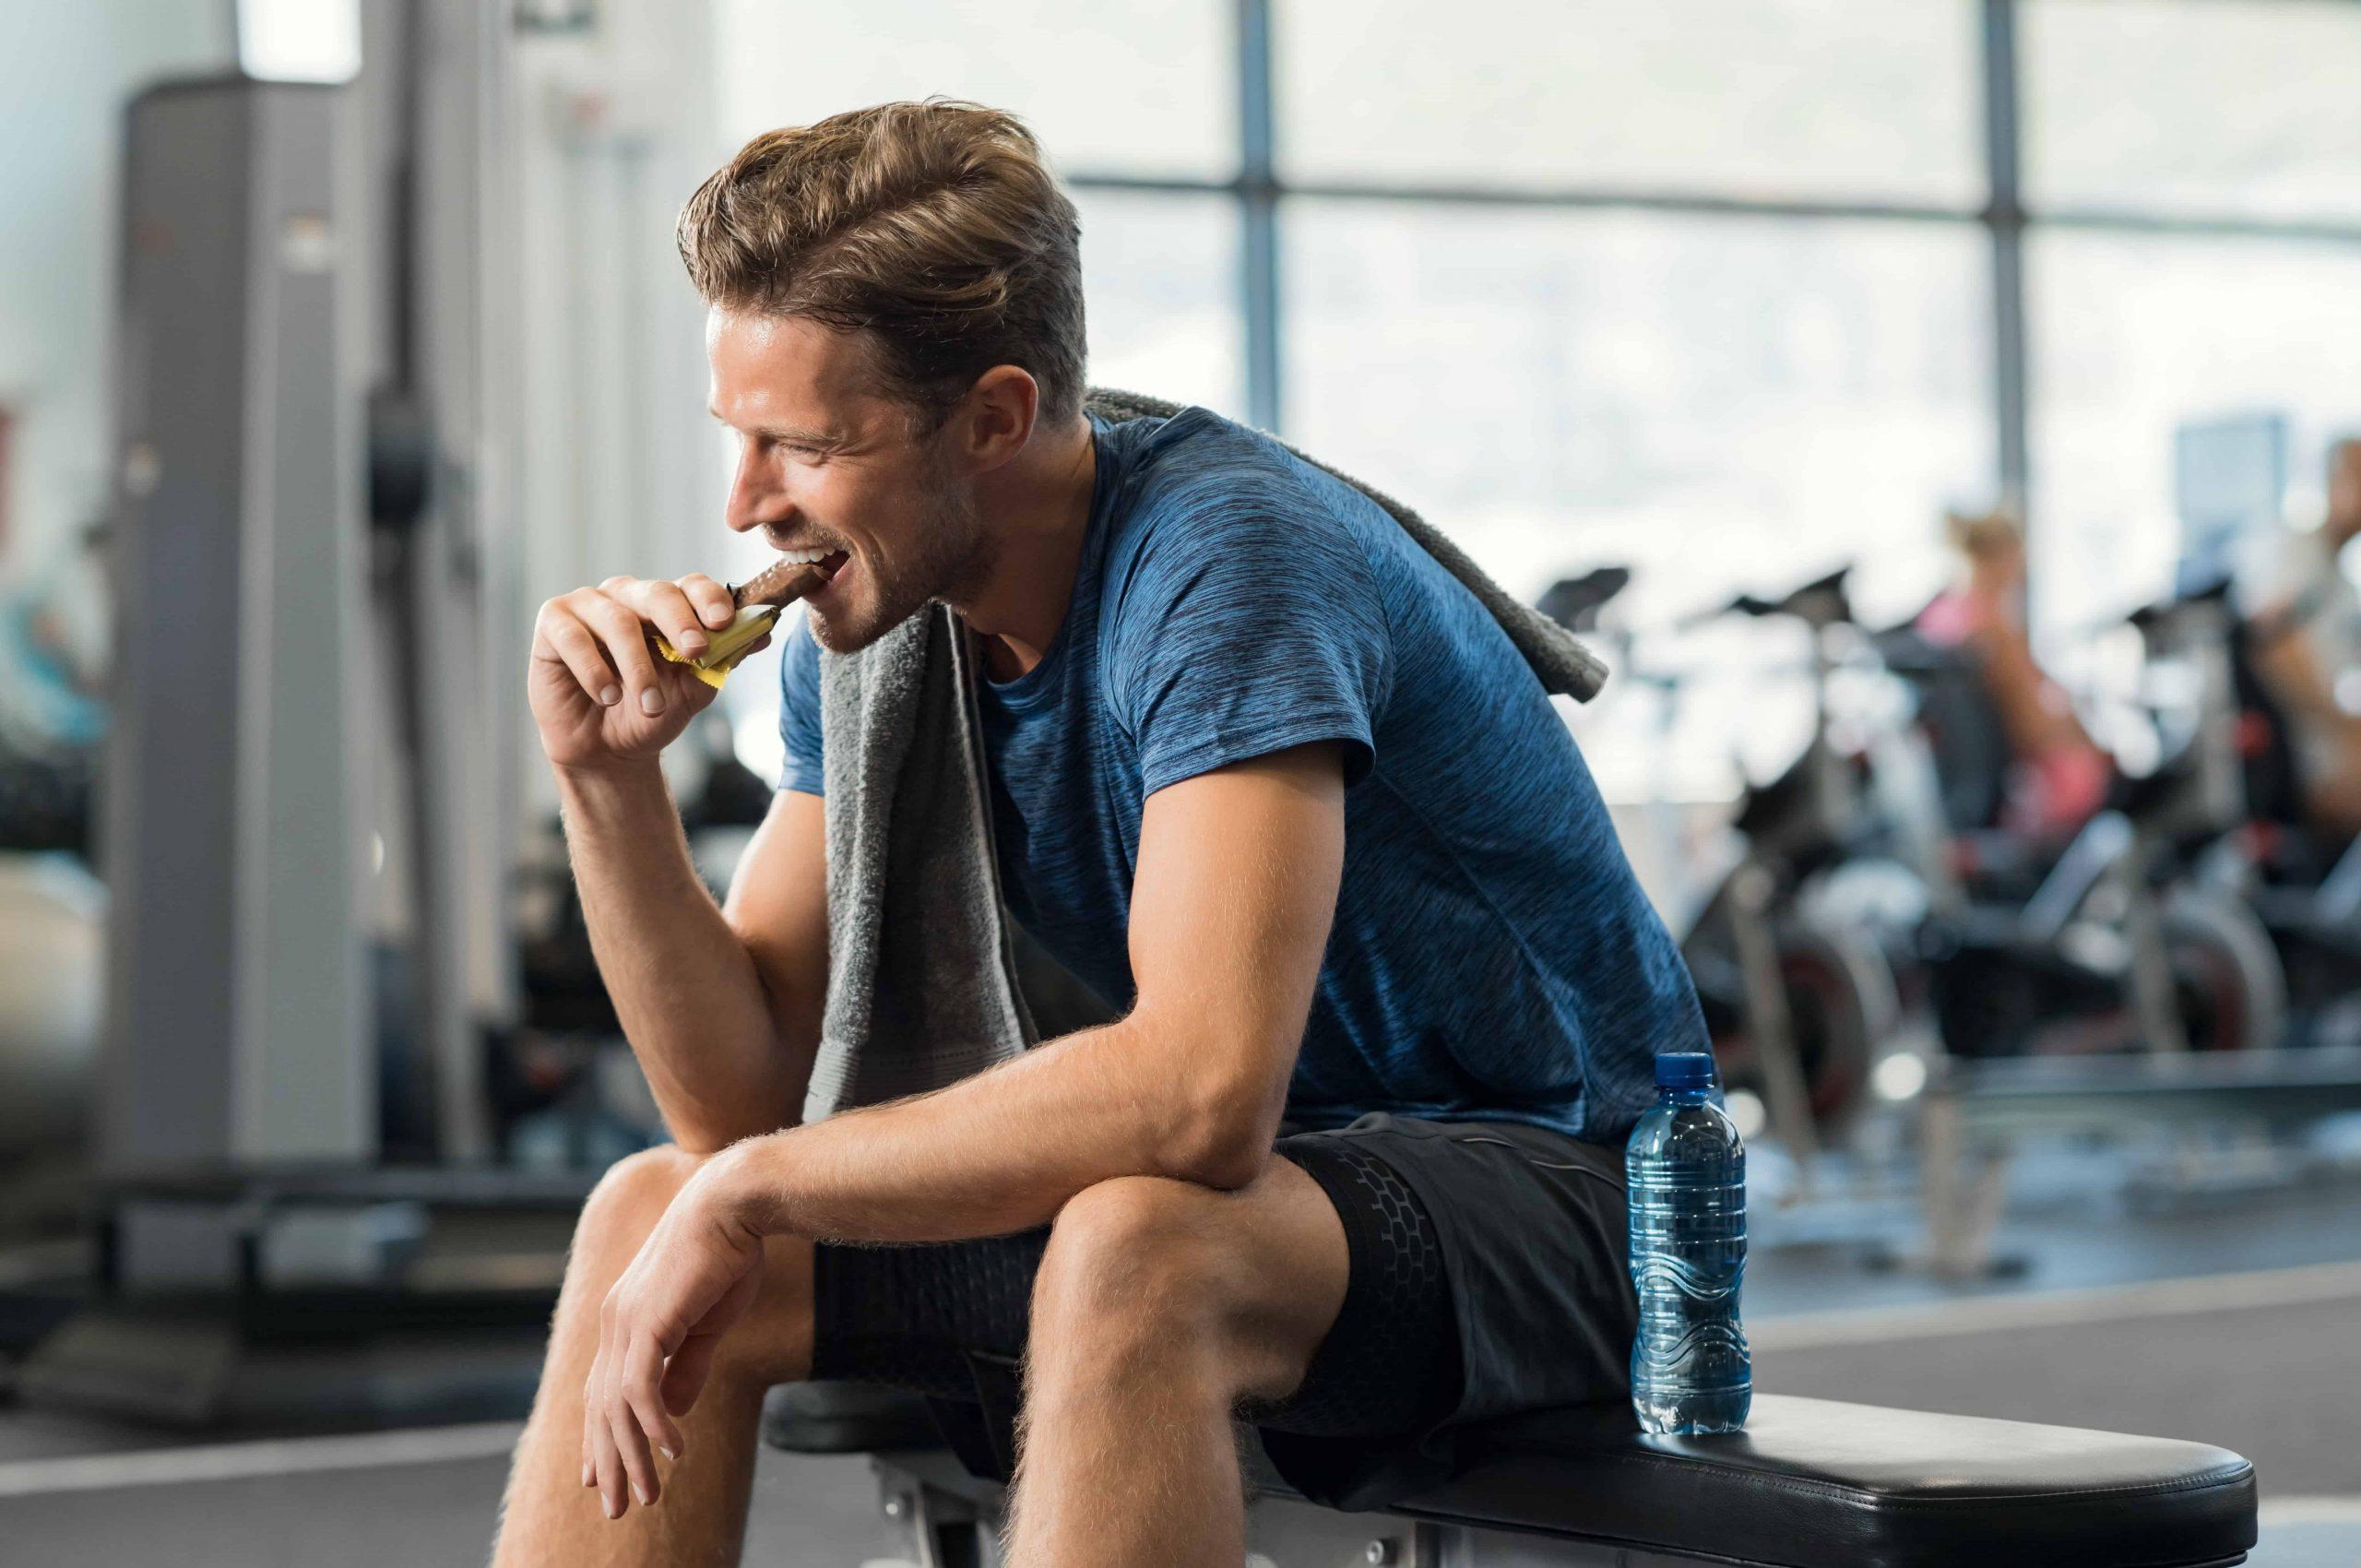 Fitnessriegel: Test & Empfehlungen (05/21)